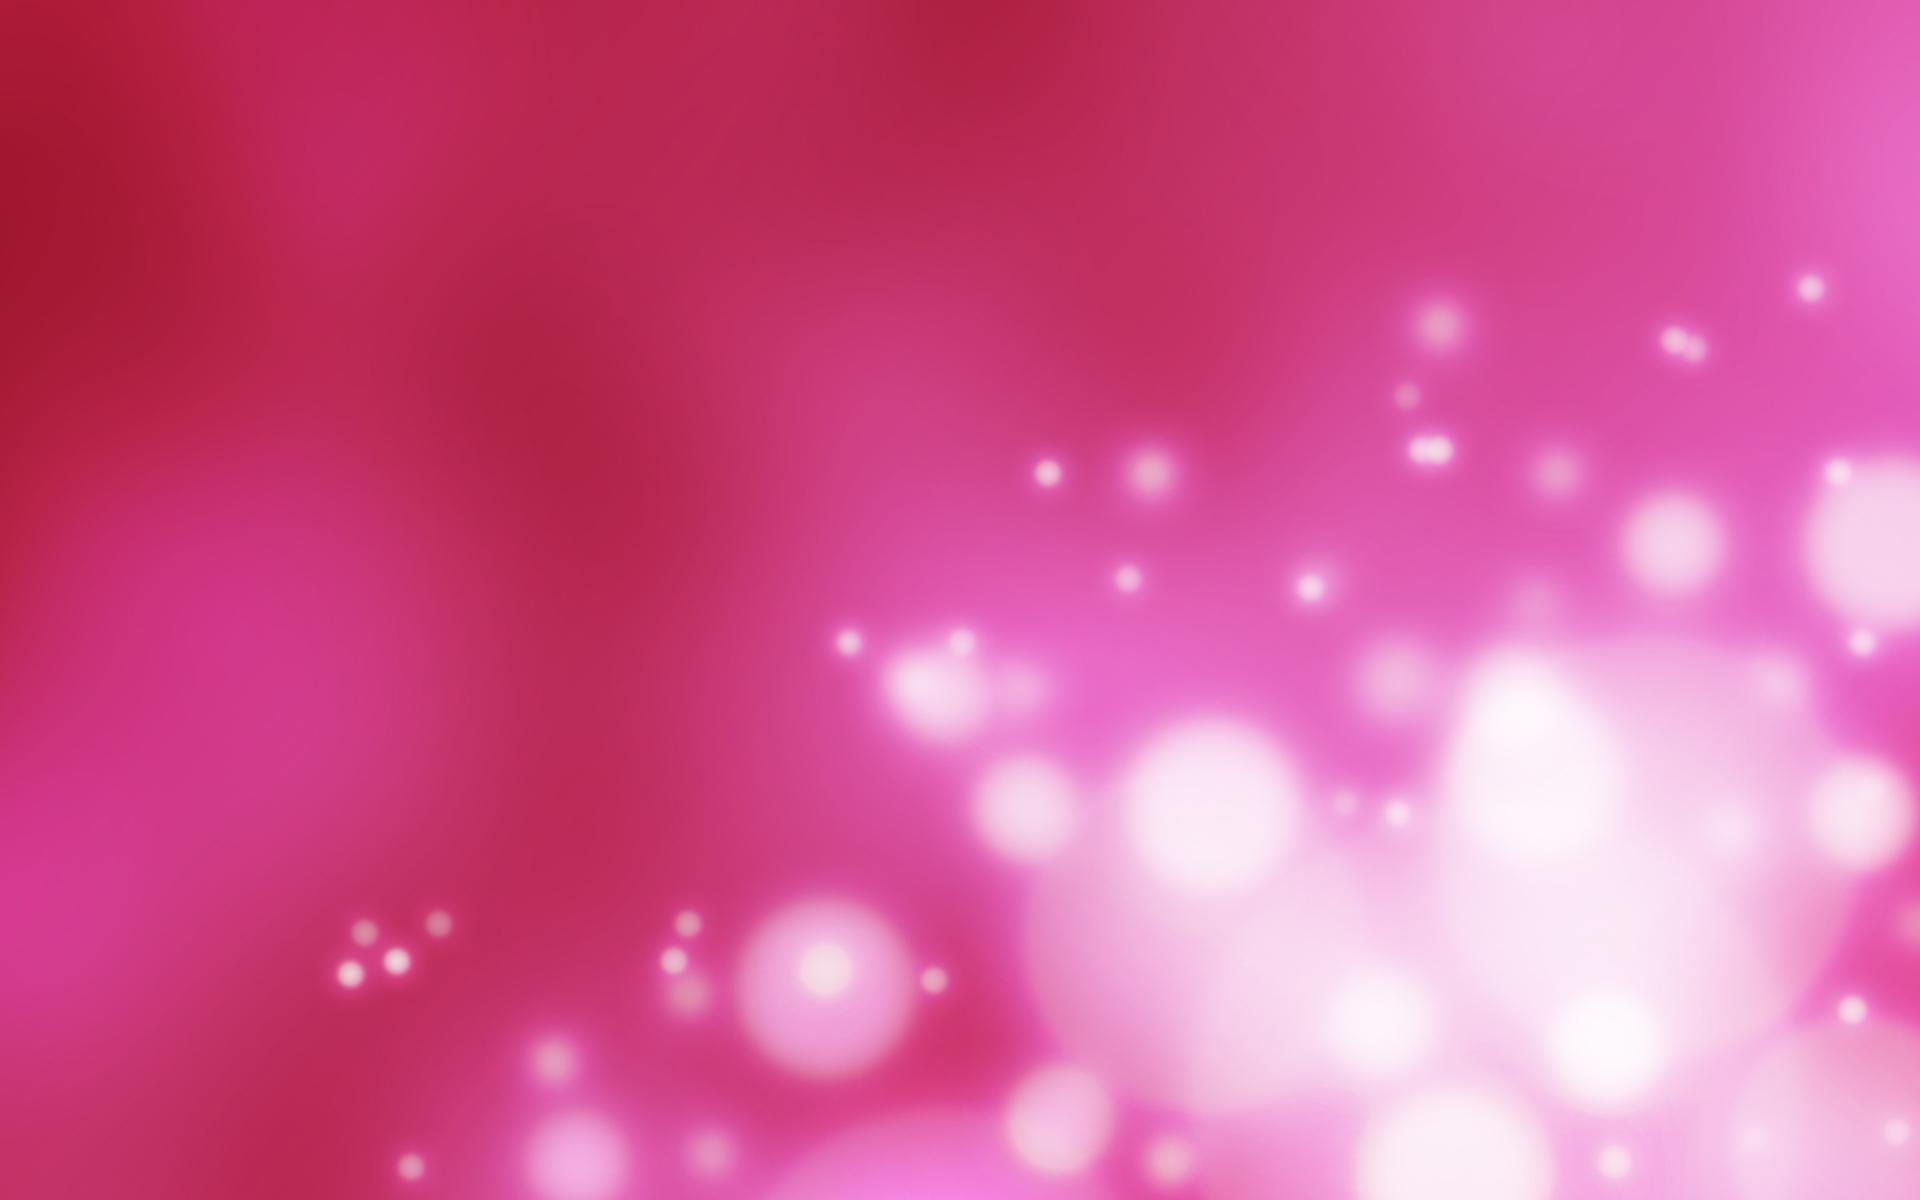 Light Pink Wallpaper